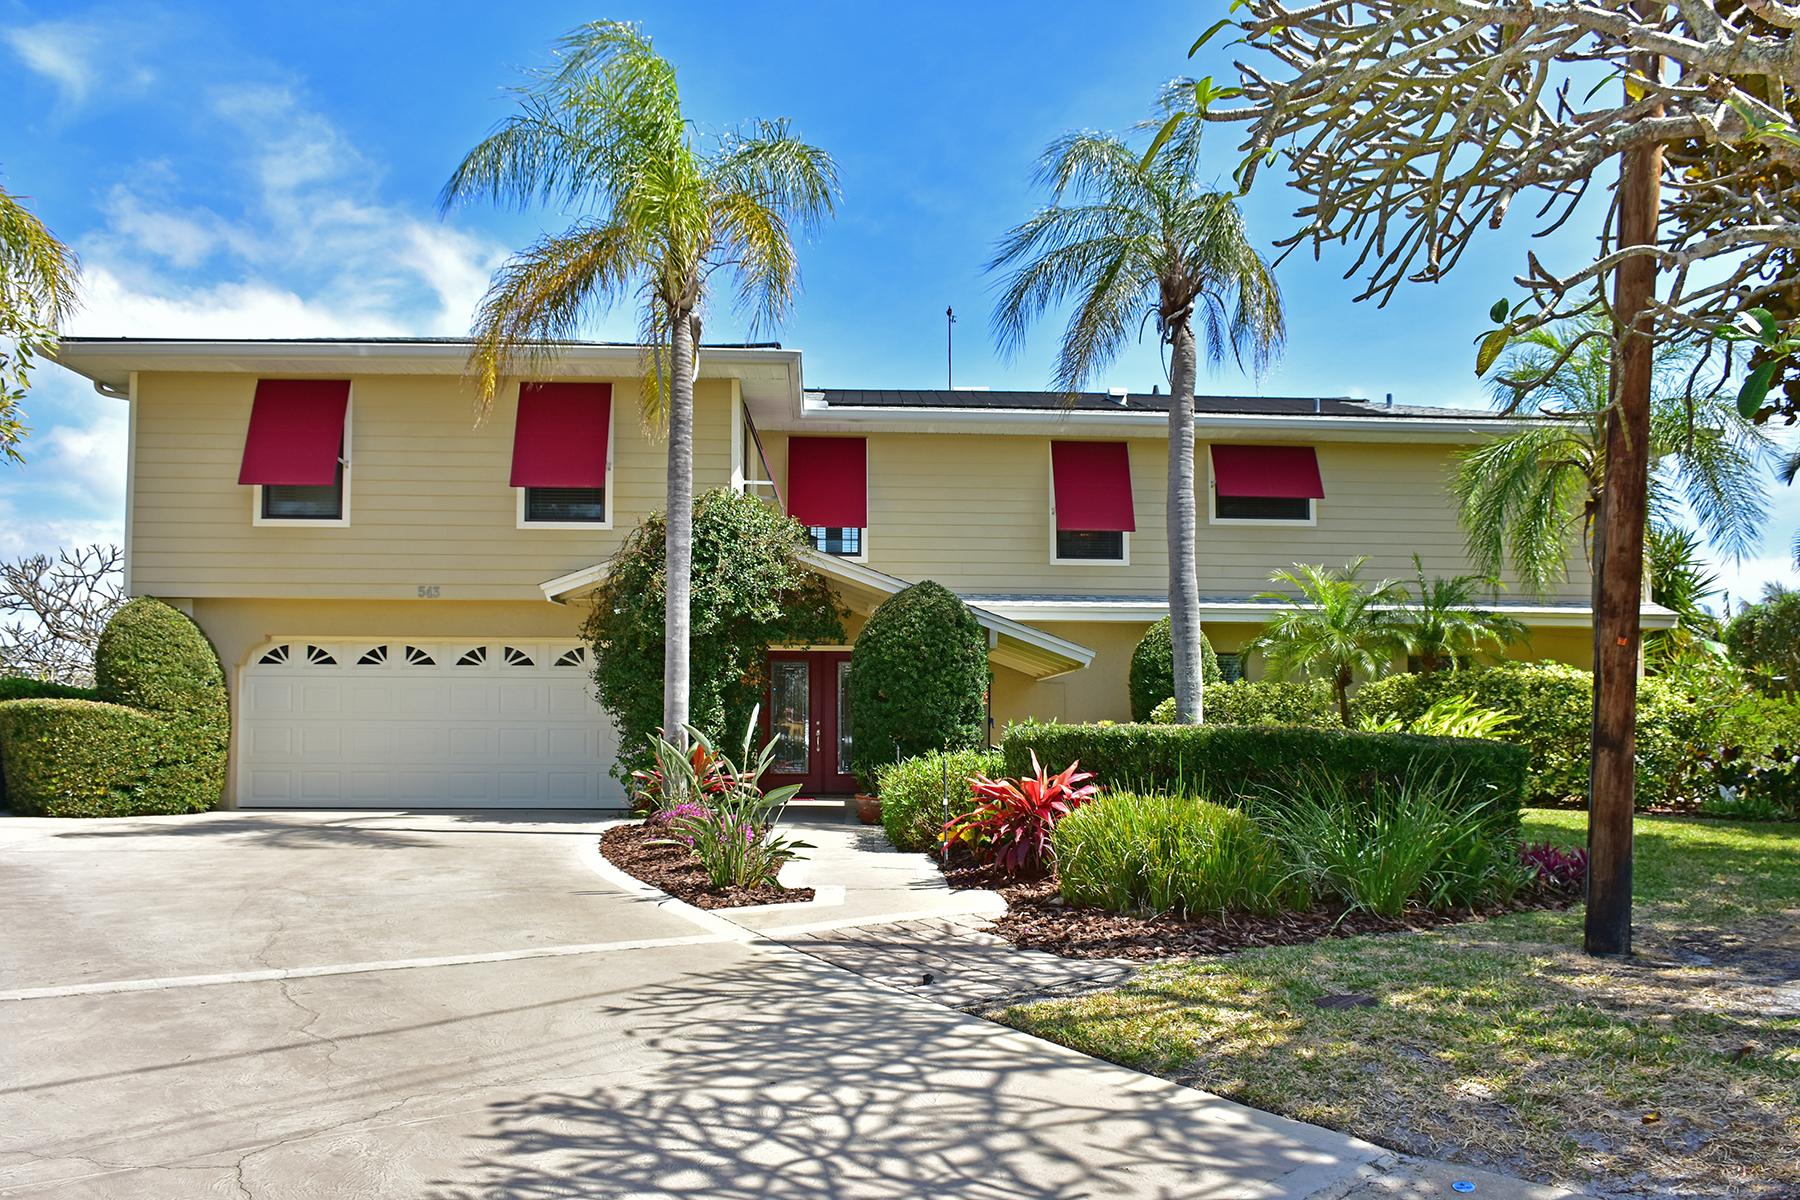 Maison unifamiliale pour l Vente à HOLMES BEACH 543 67th St Holmes Beach, Florida, 34217 États-Unis